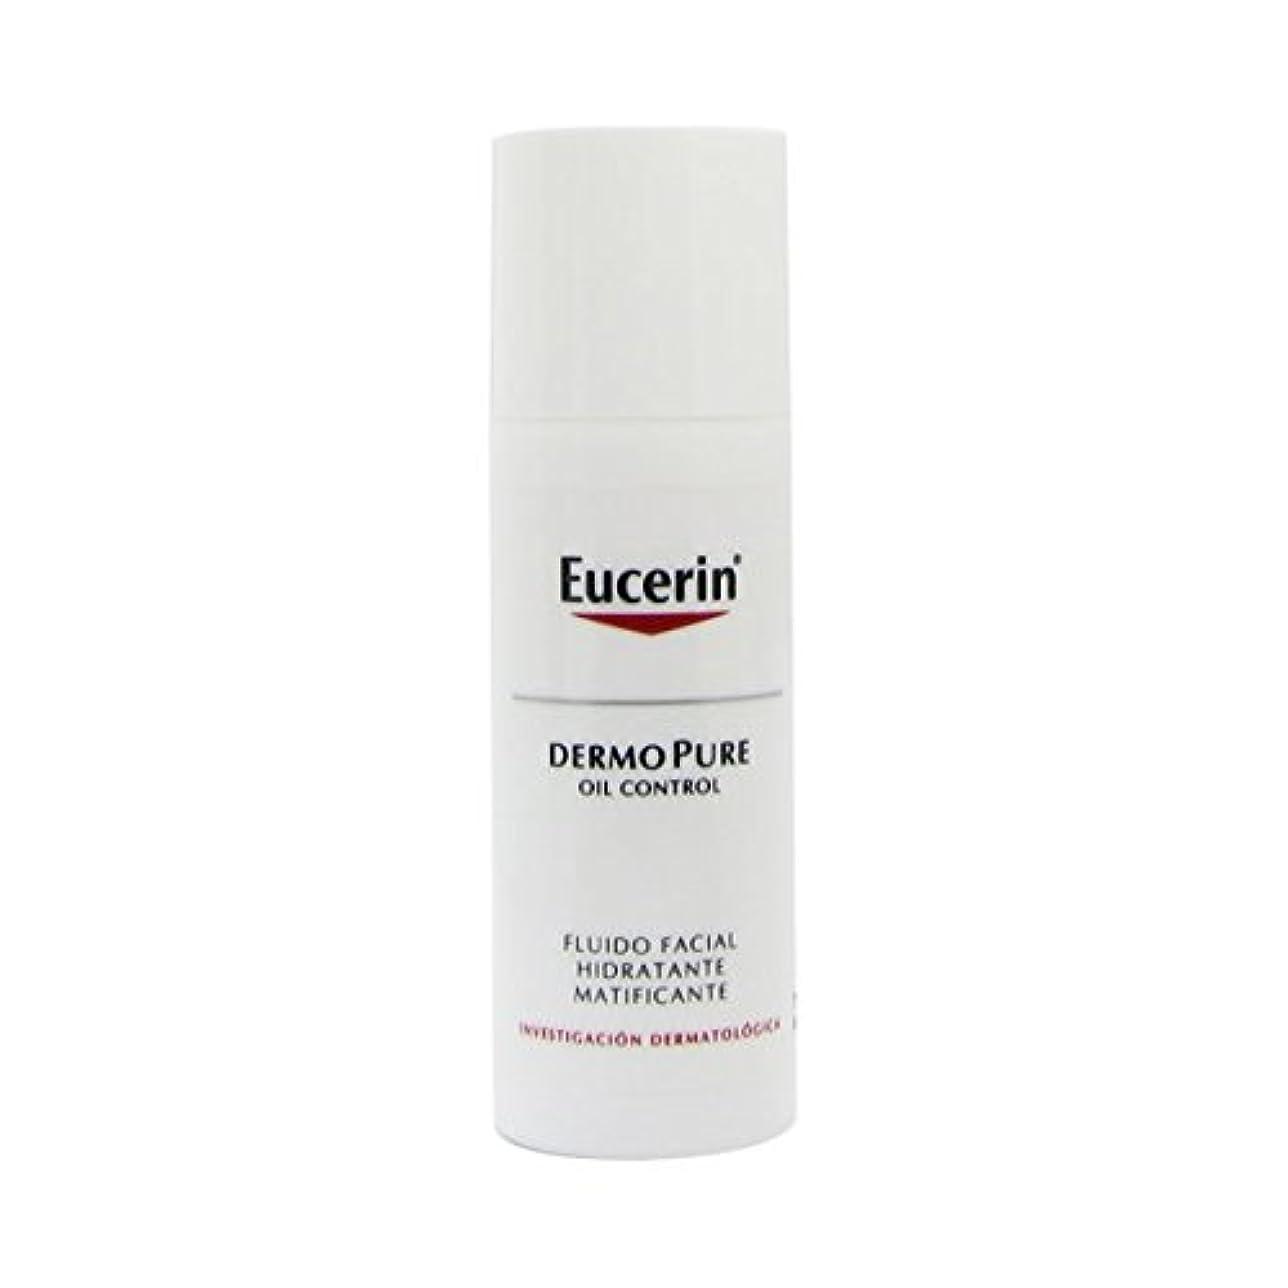 ファイバテニスアドバンテージEucerin Dermopure Oil Control Matifying And Moisturizing Fluid 50ml [並行輸入品]